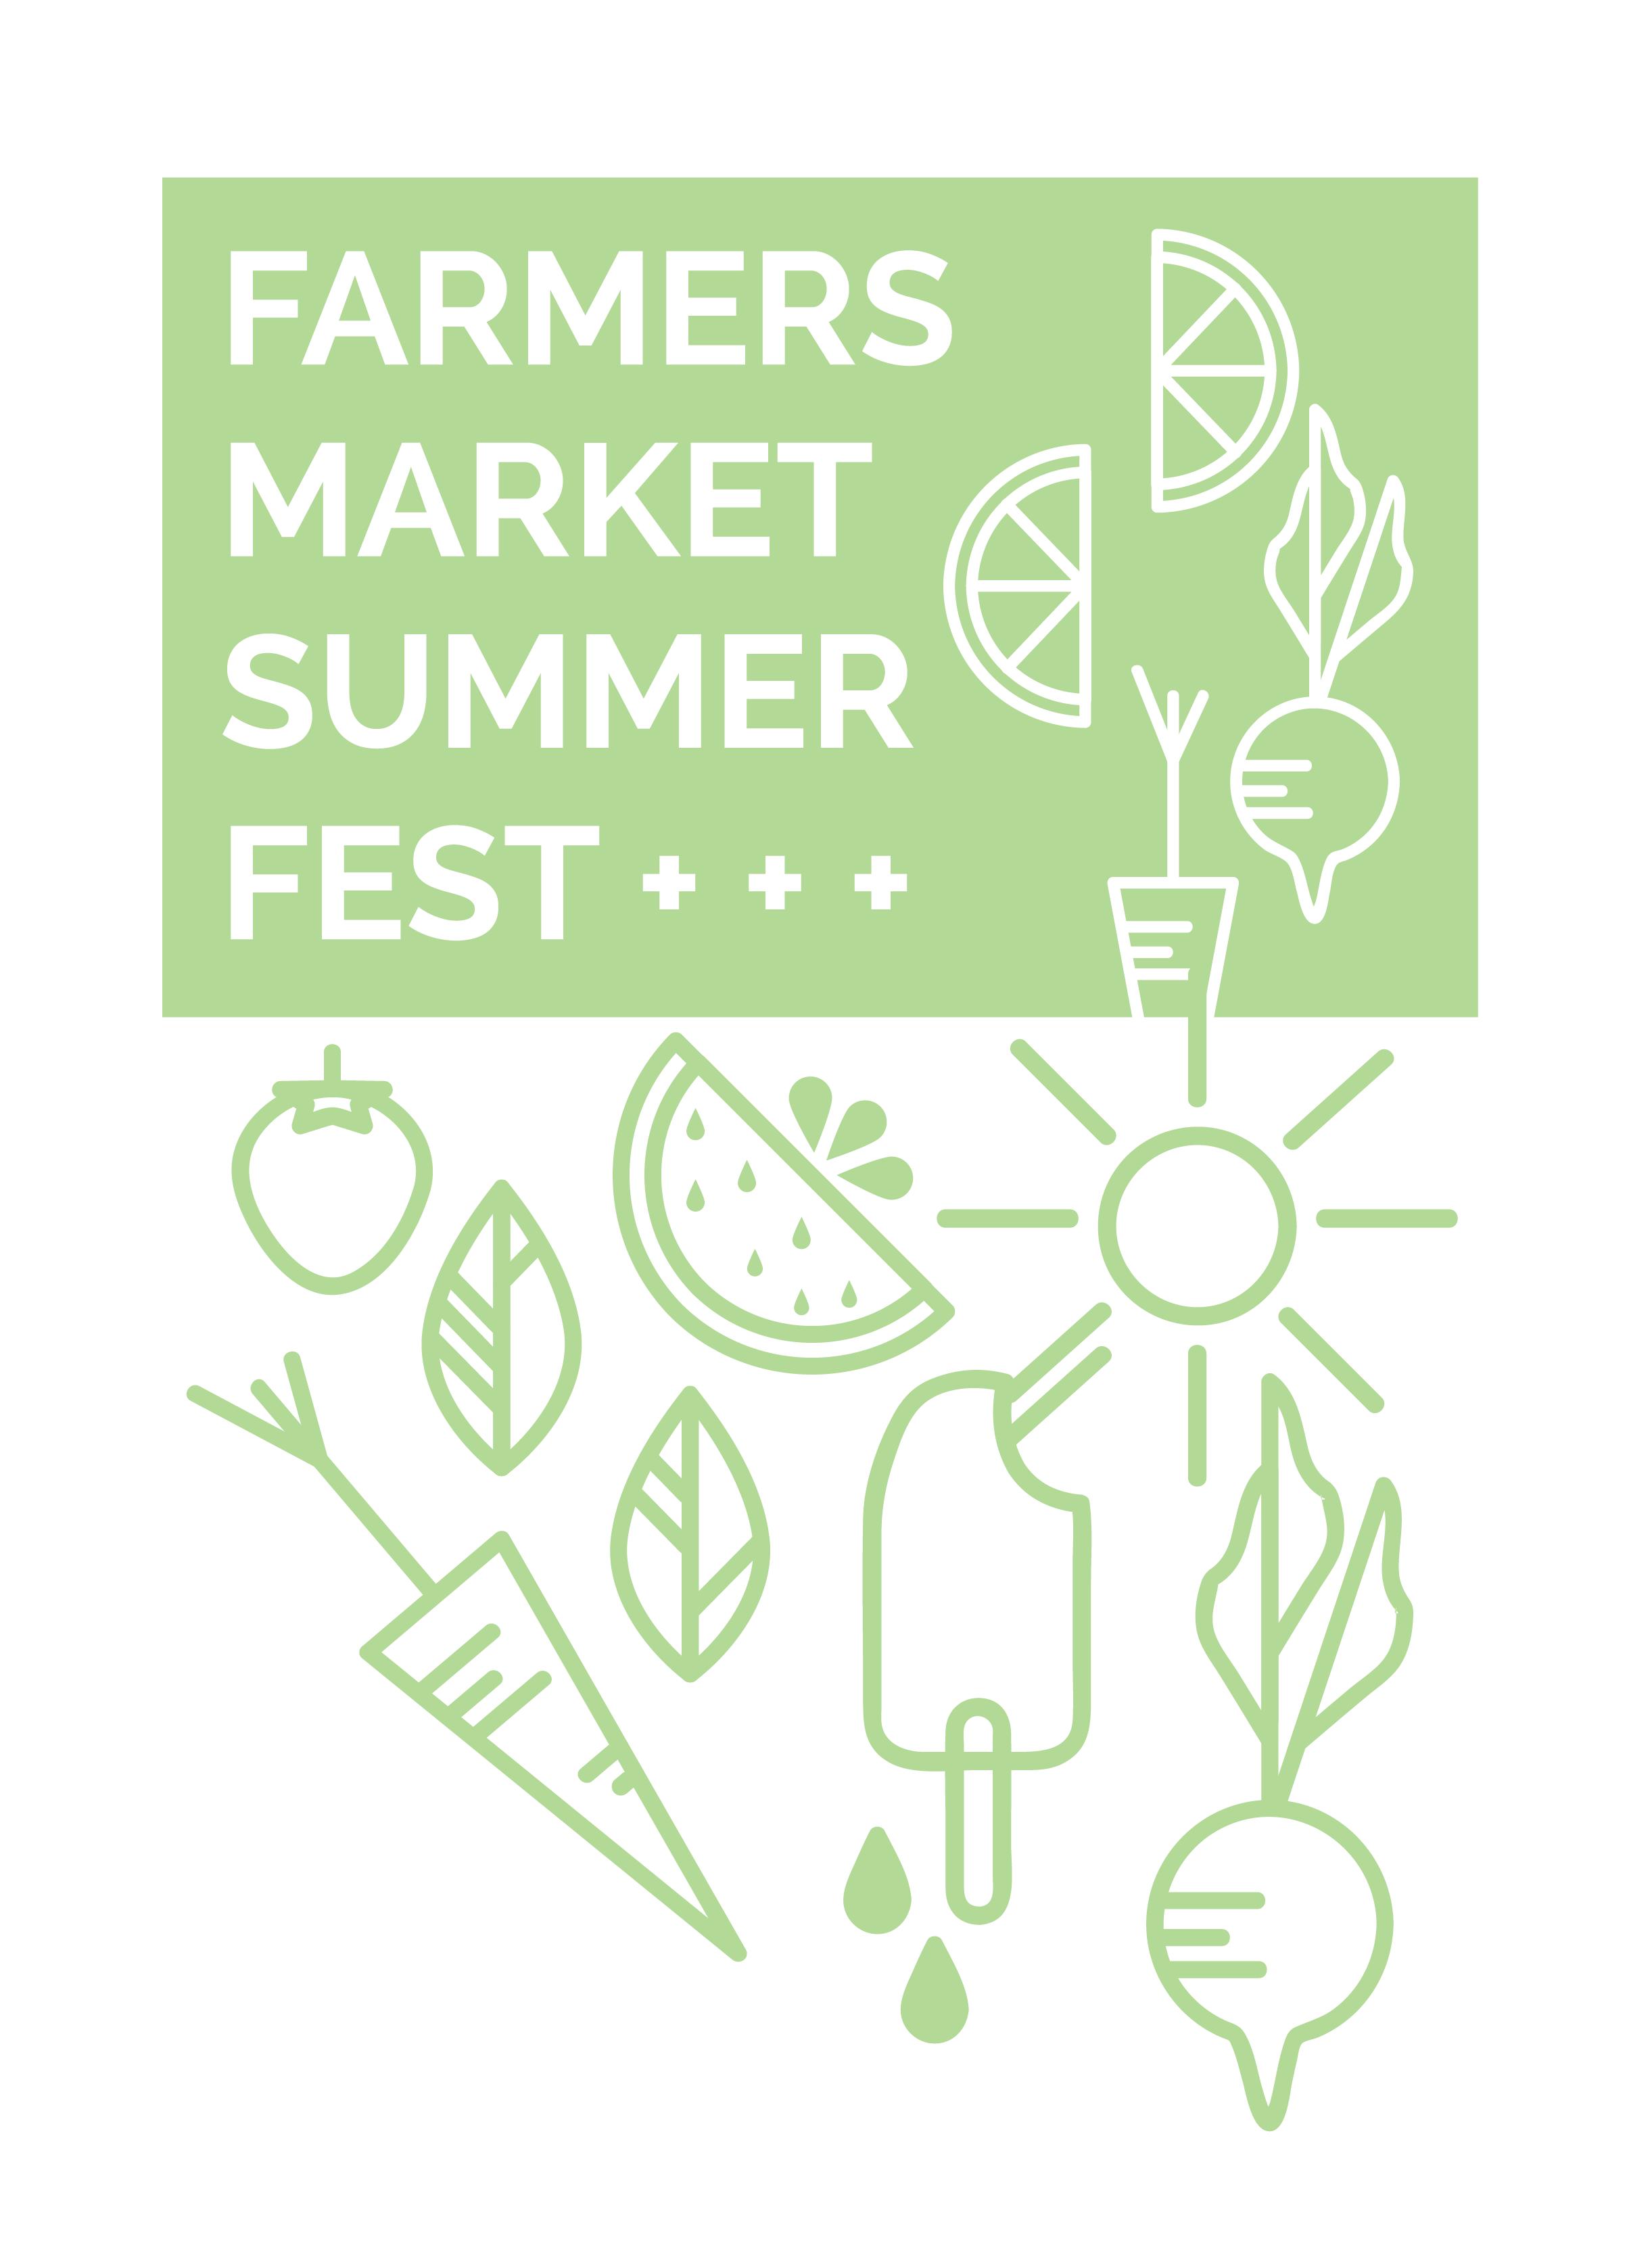 SummerFest_green-10.png